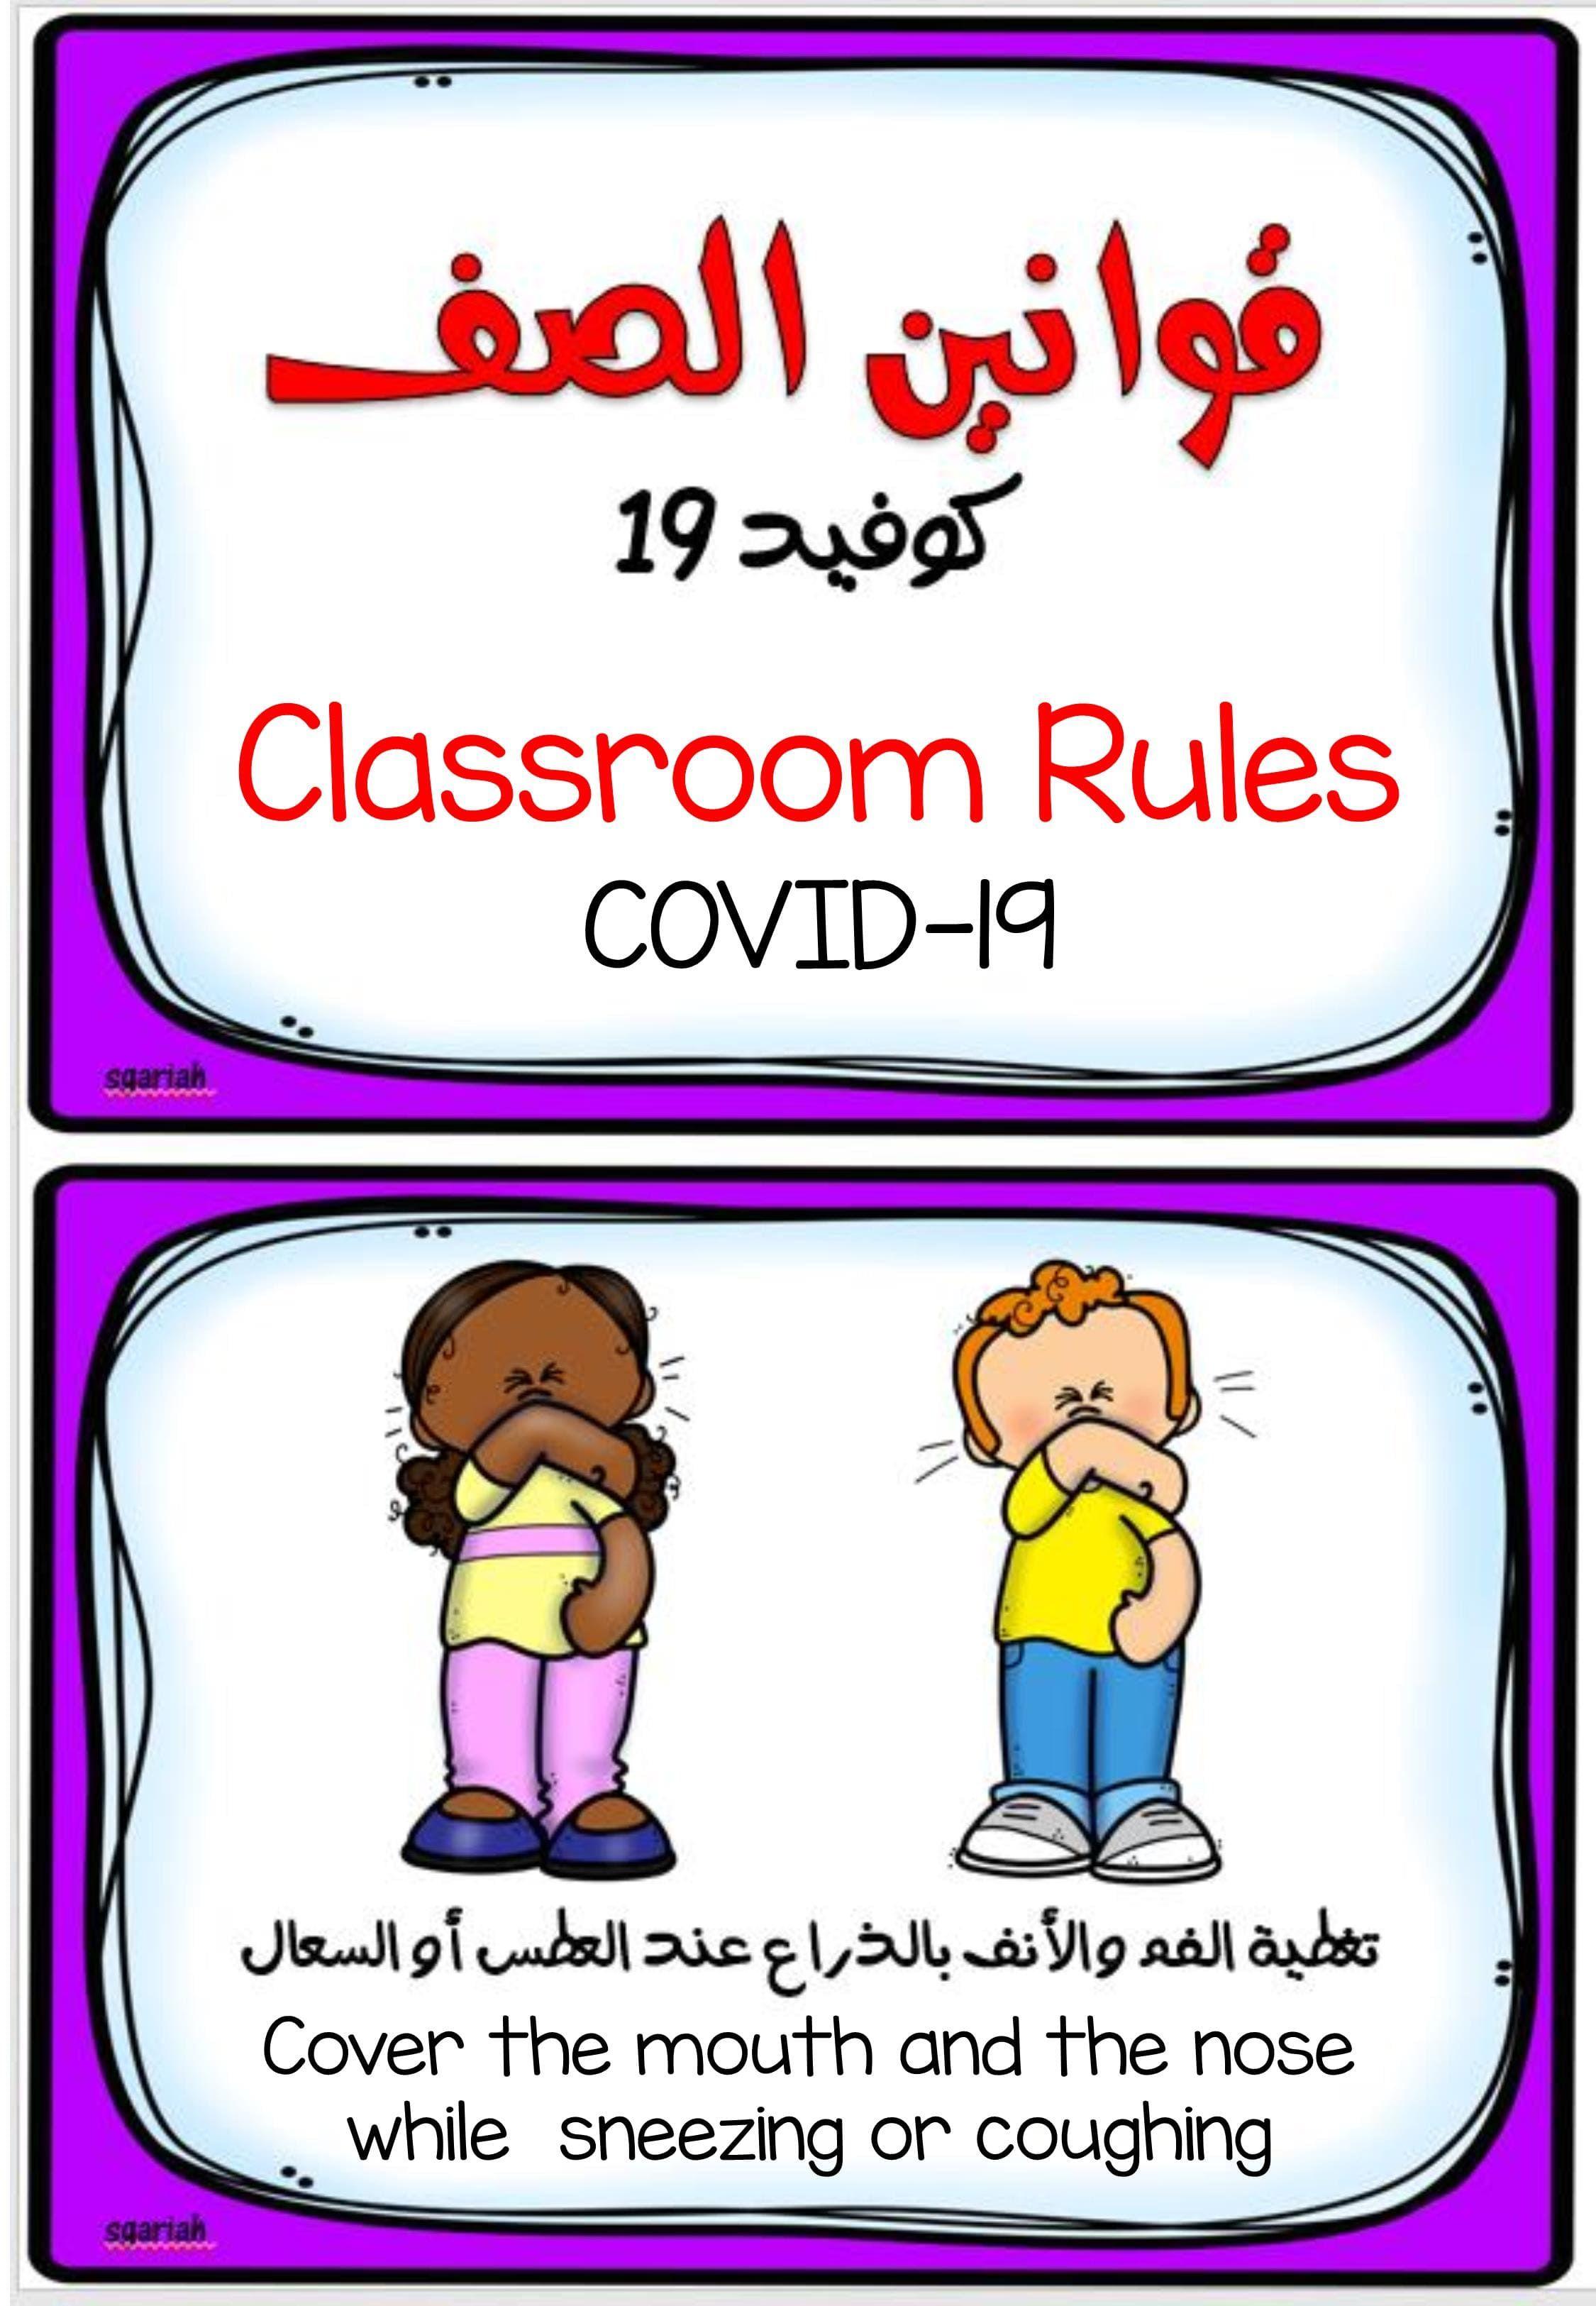 بطاقات تعليمية لقوانين الصف كوفيد 19 لرياض الاطفال المعلمة أسماء In 2021 Classroom Rules Lettering Alphabet Arabic Alphabet Letters